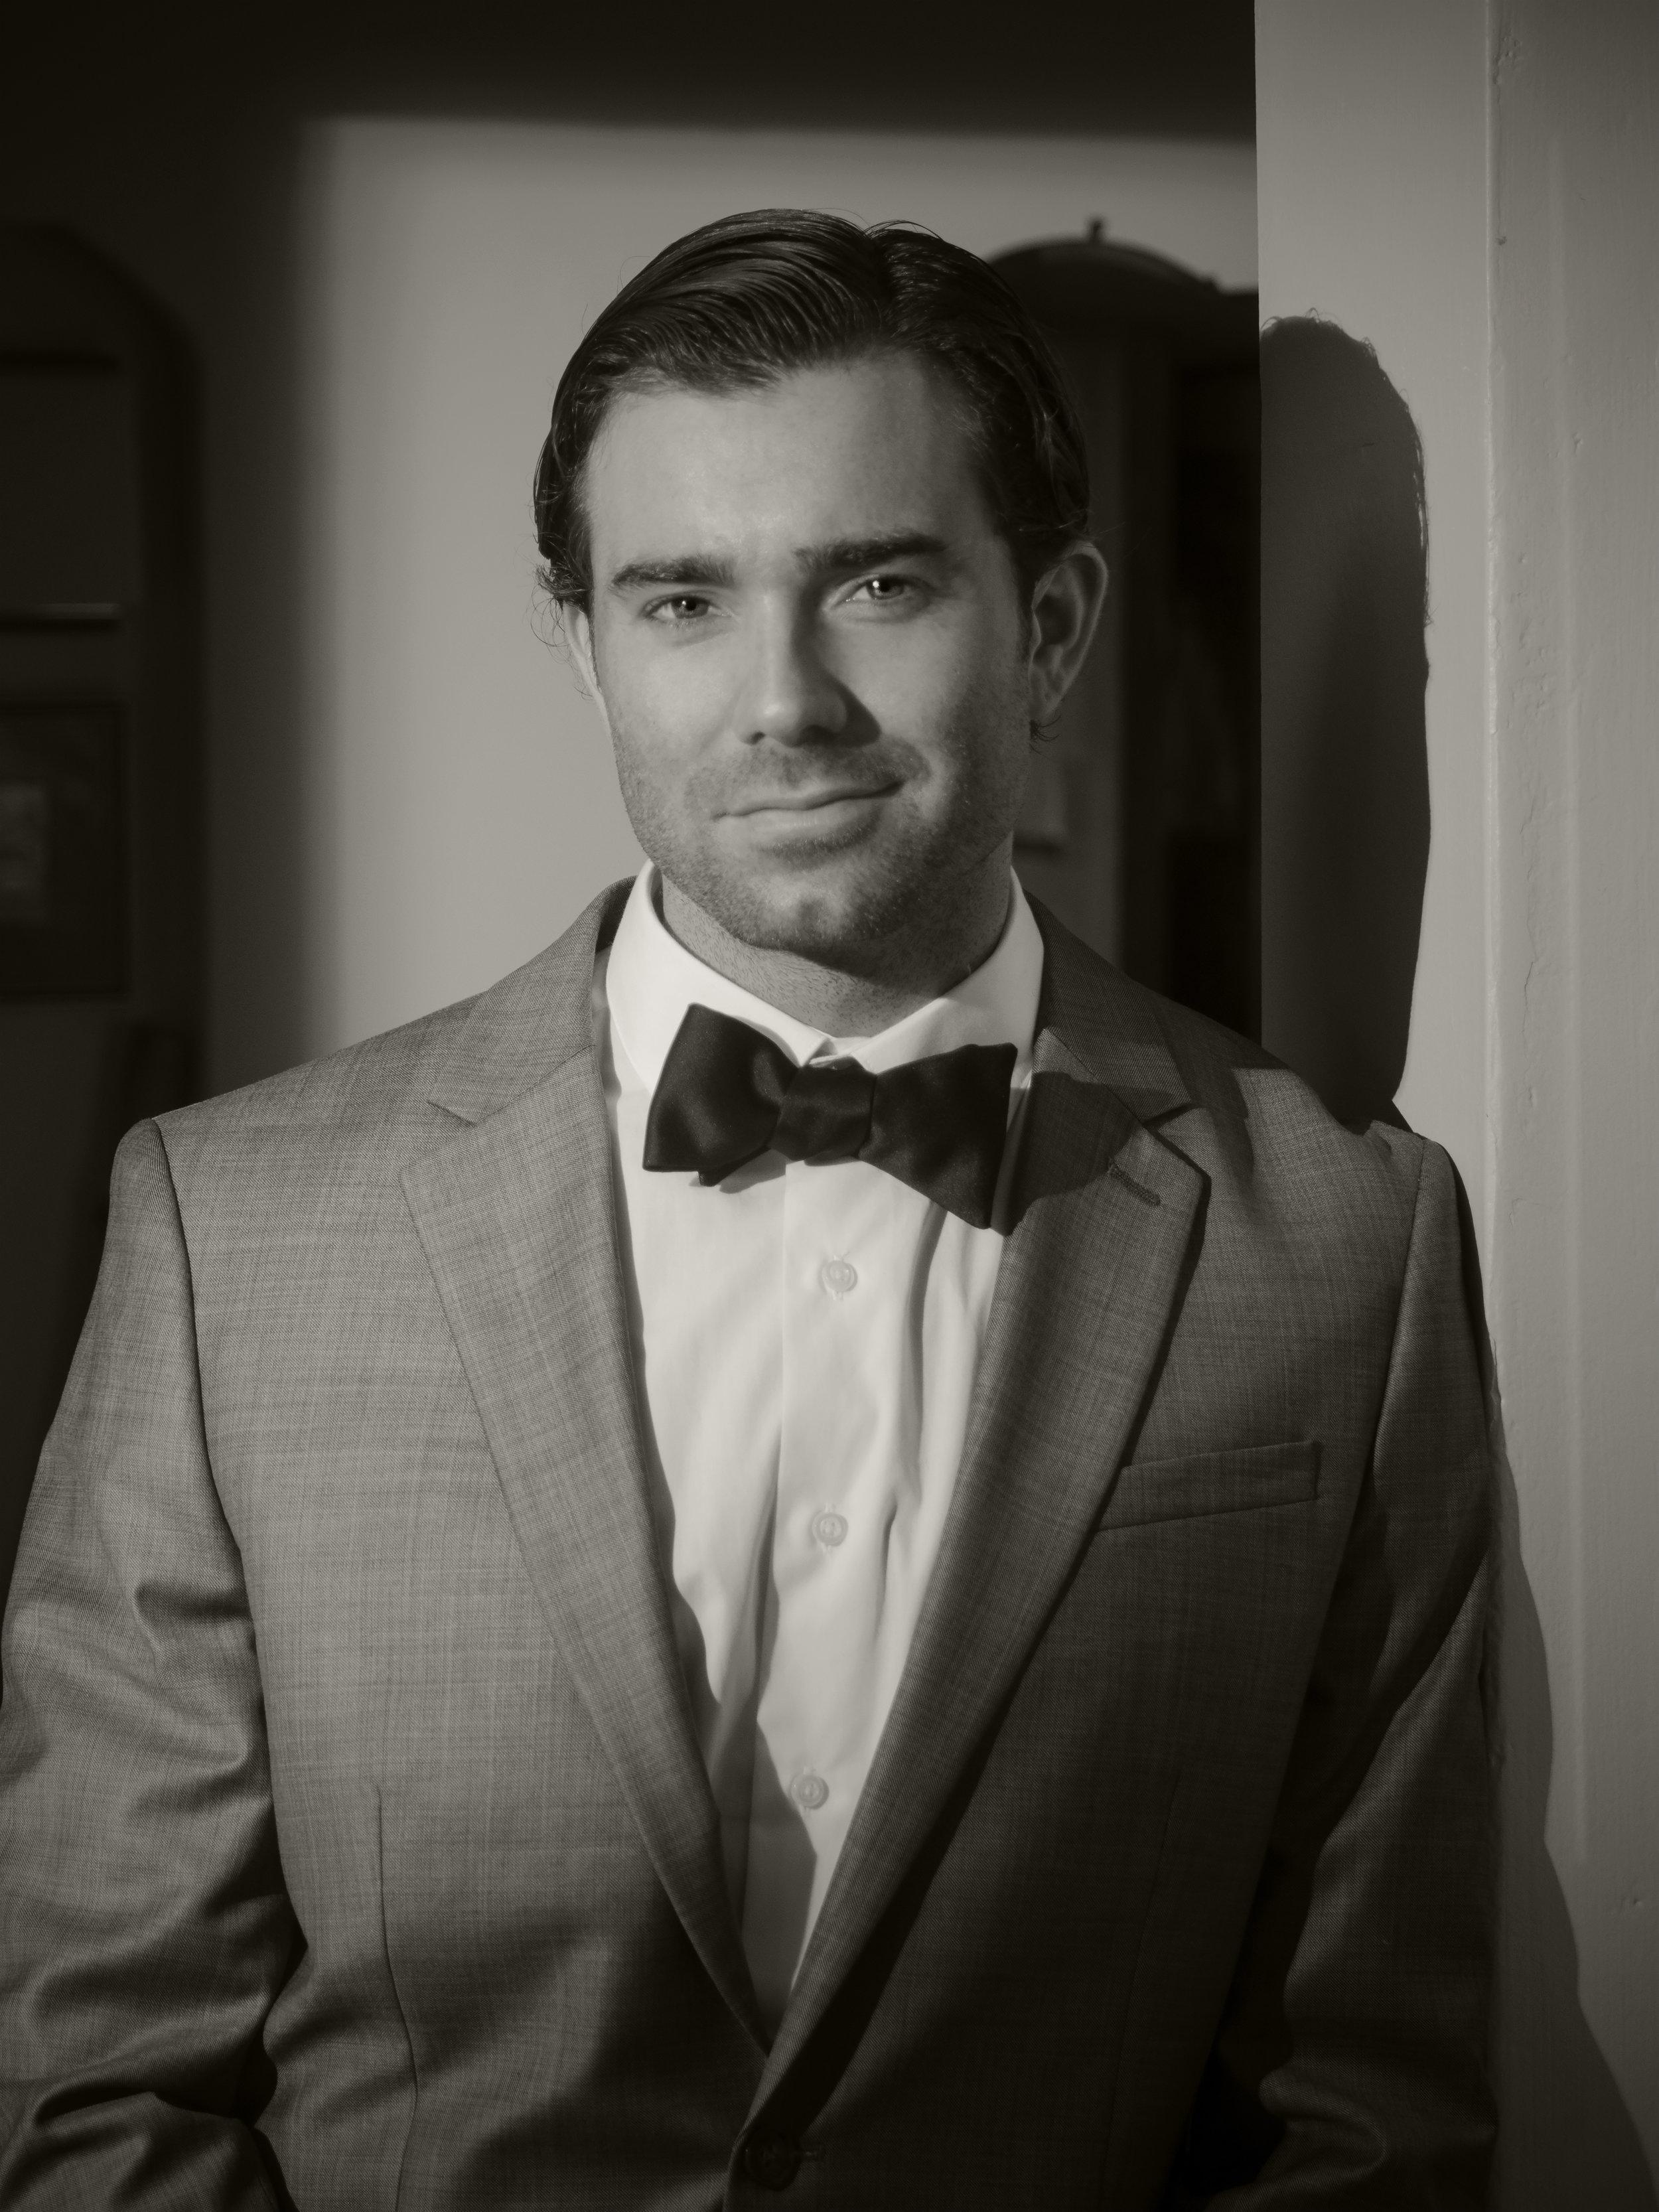 Jacob grey suit bow-tie_5 B&W.jpg